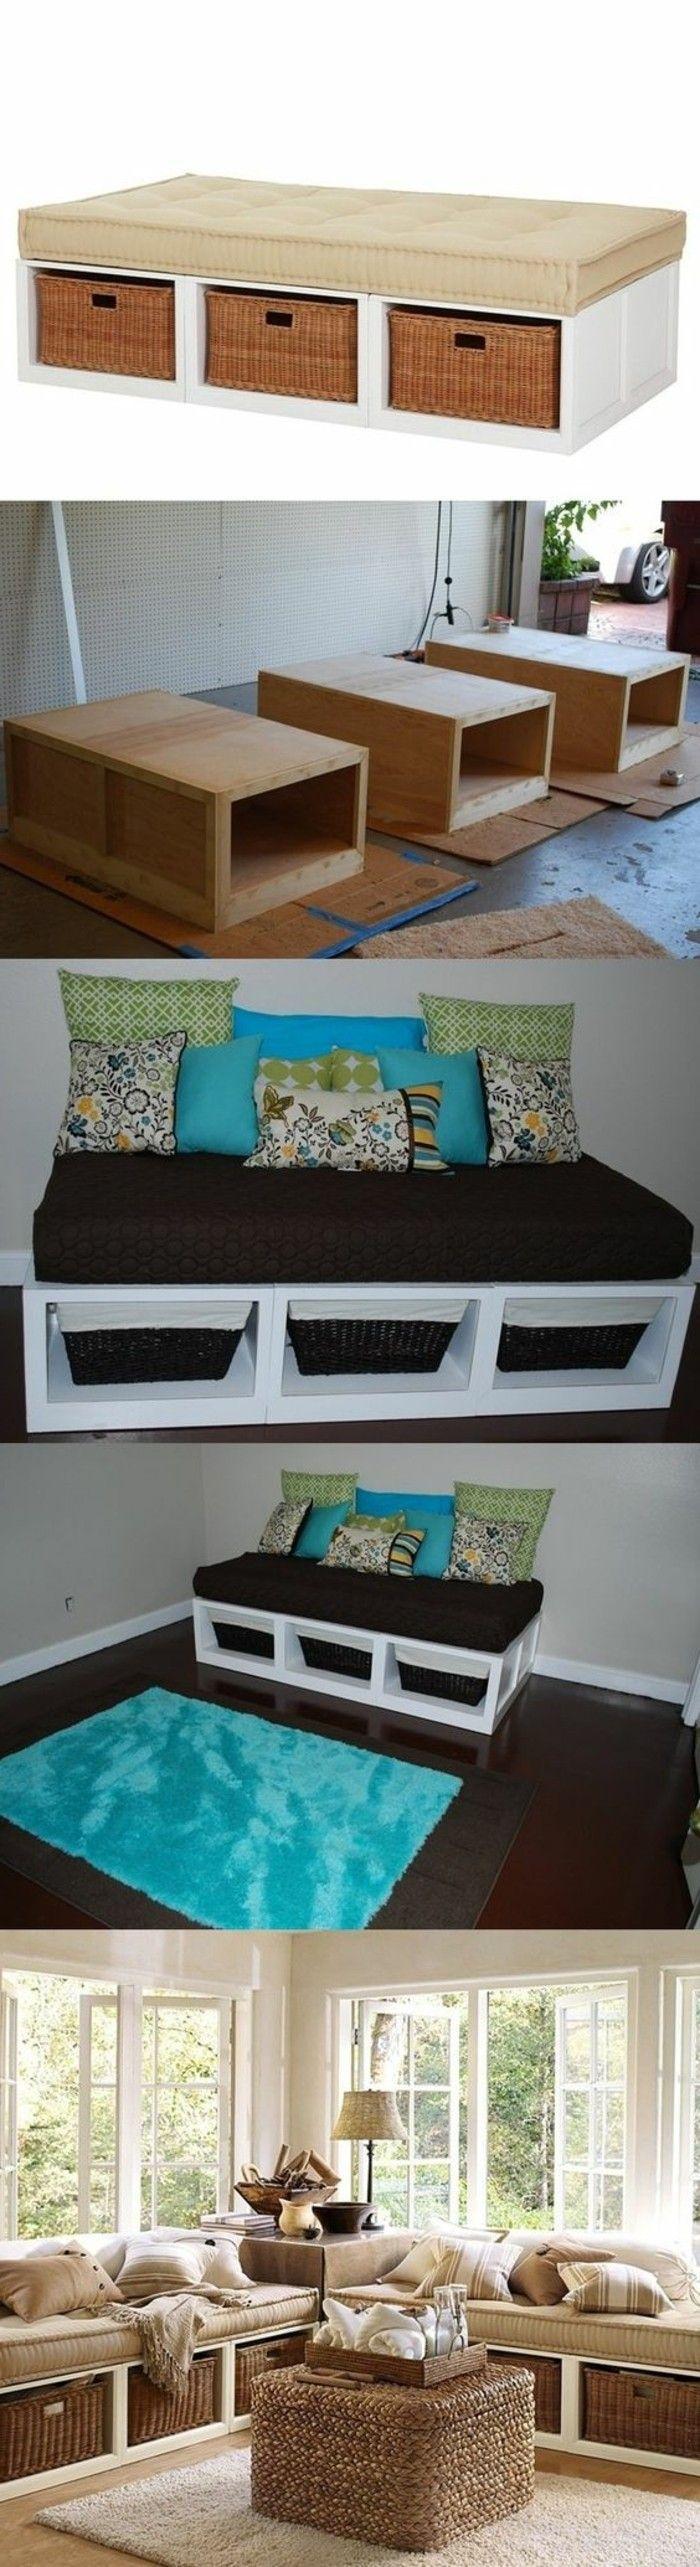 25+ best ideas about kreative wohnideen on pinterest | wohnzimmer ... - Wohnideen Minimalist Sofa